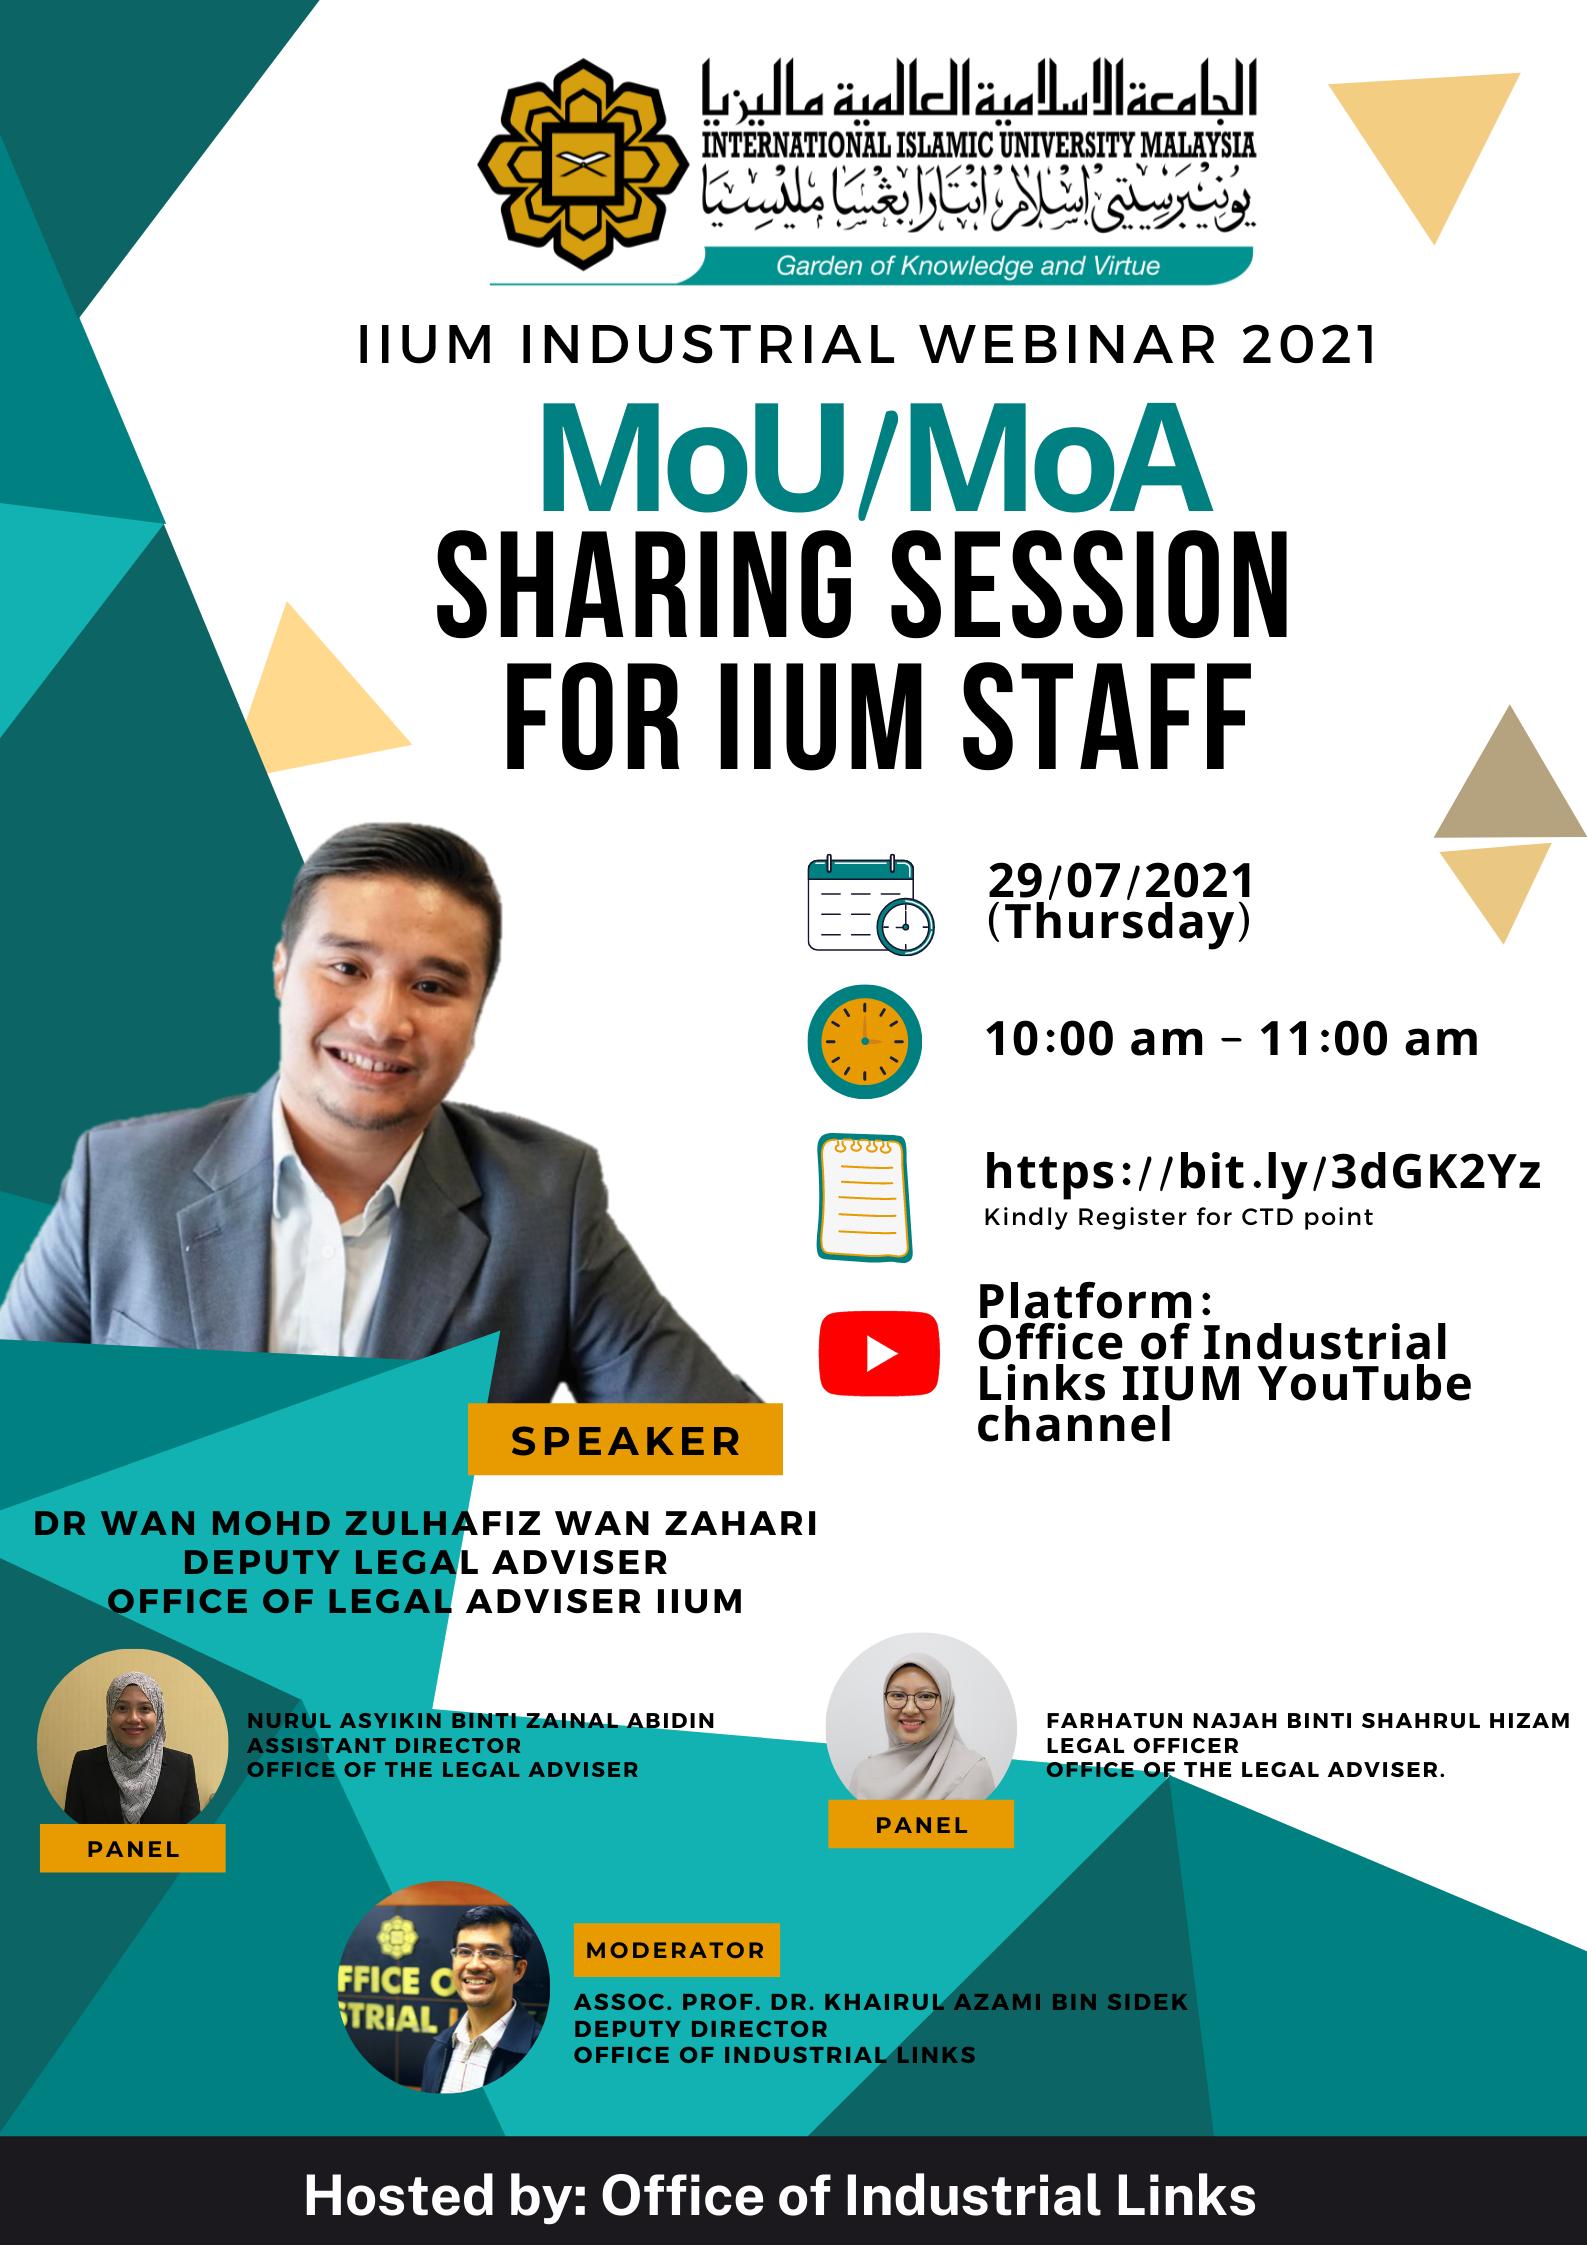 IIUM Industrial Webinar 2021: MoU/MoA Sharing Session for IIUM Staff